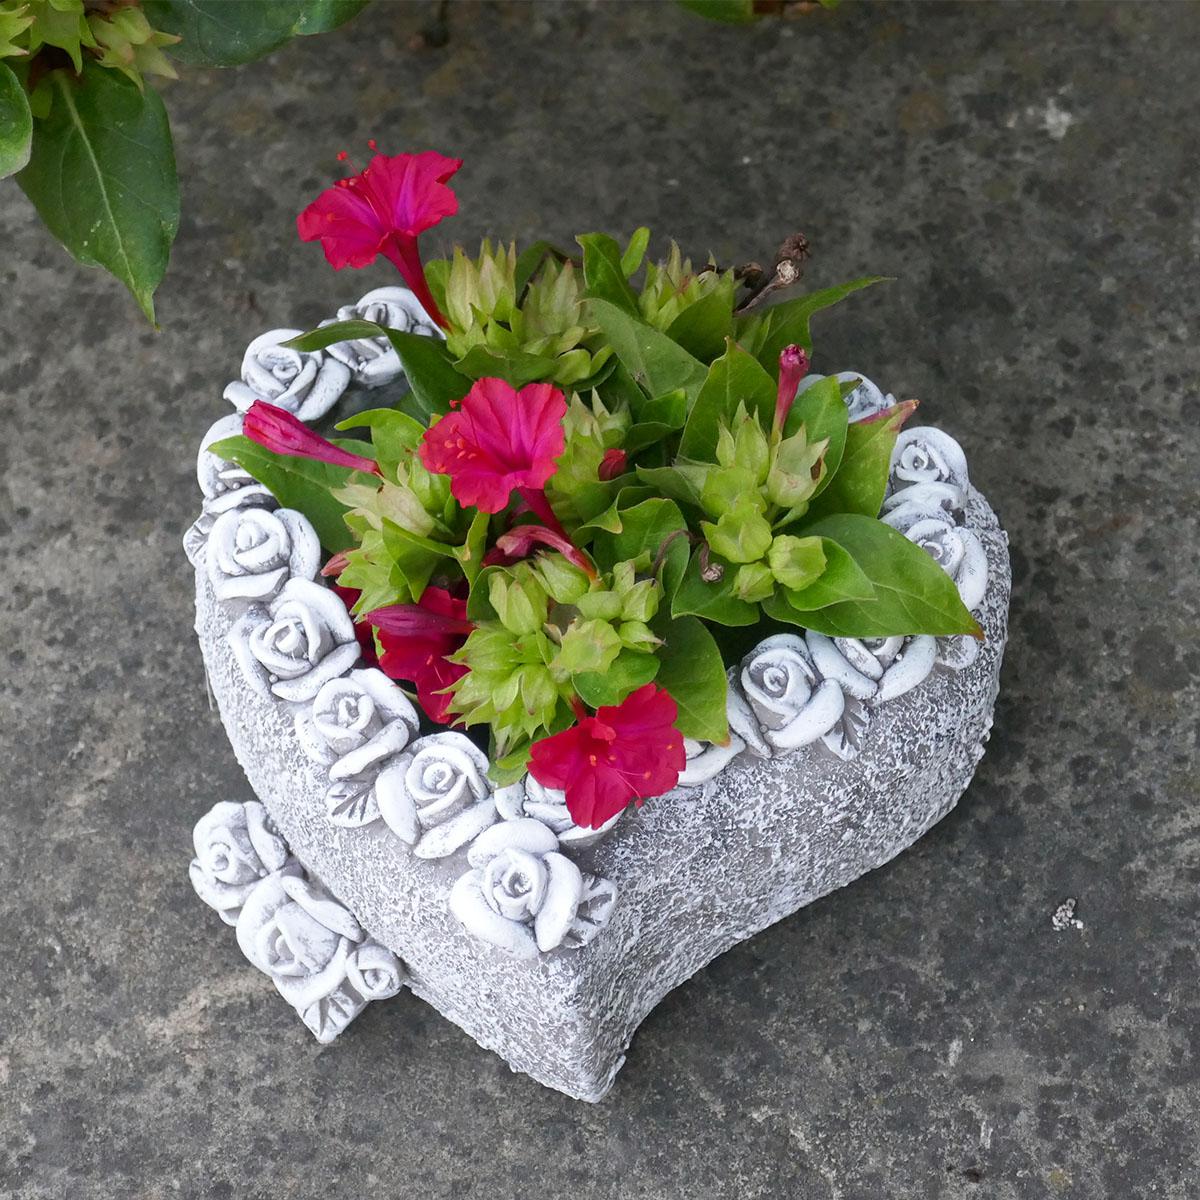 Pflanzschale Herz mit Rosen verziert Image